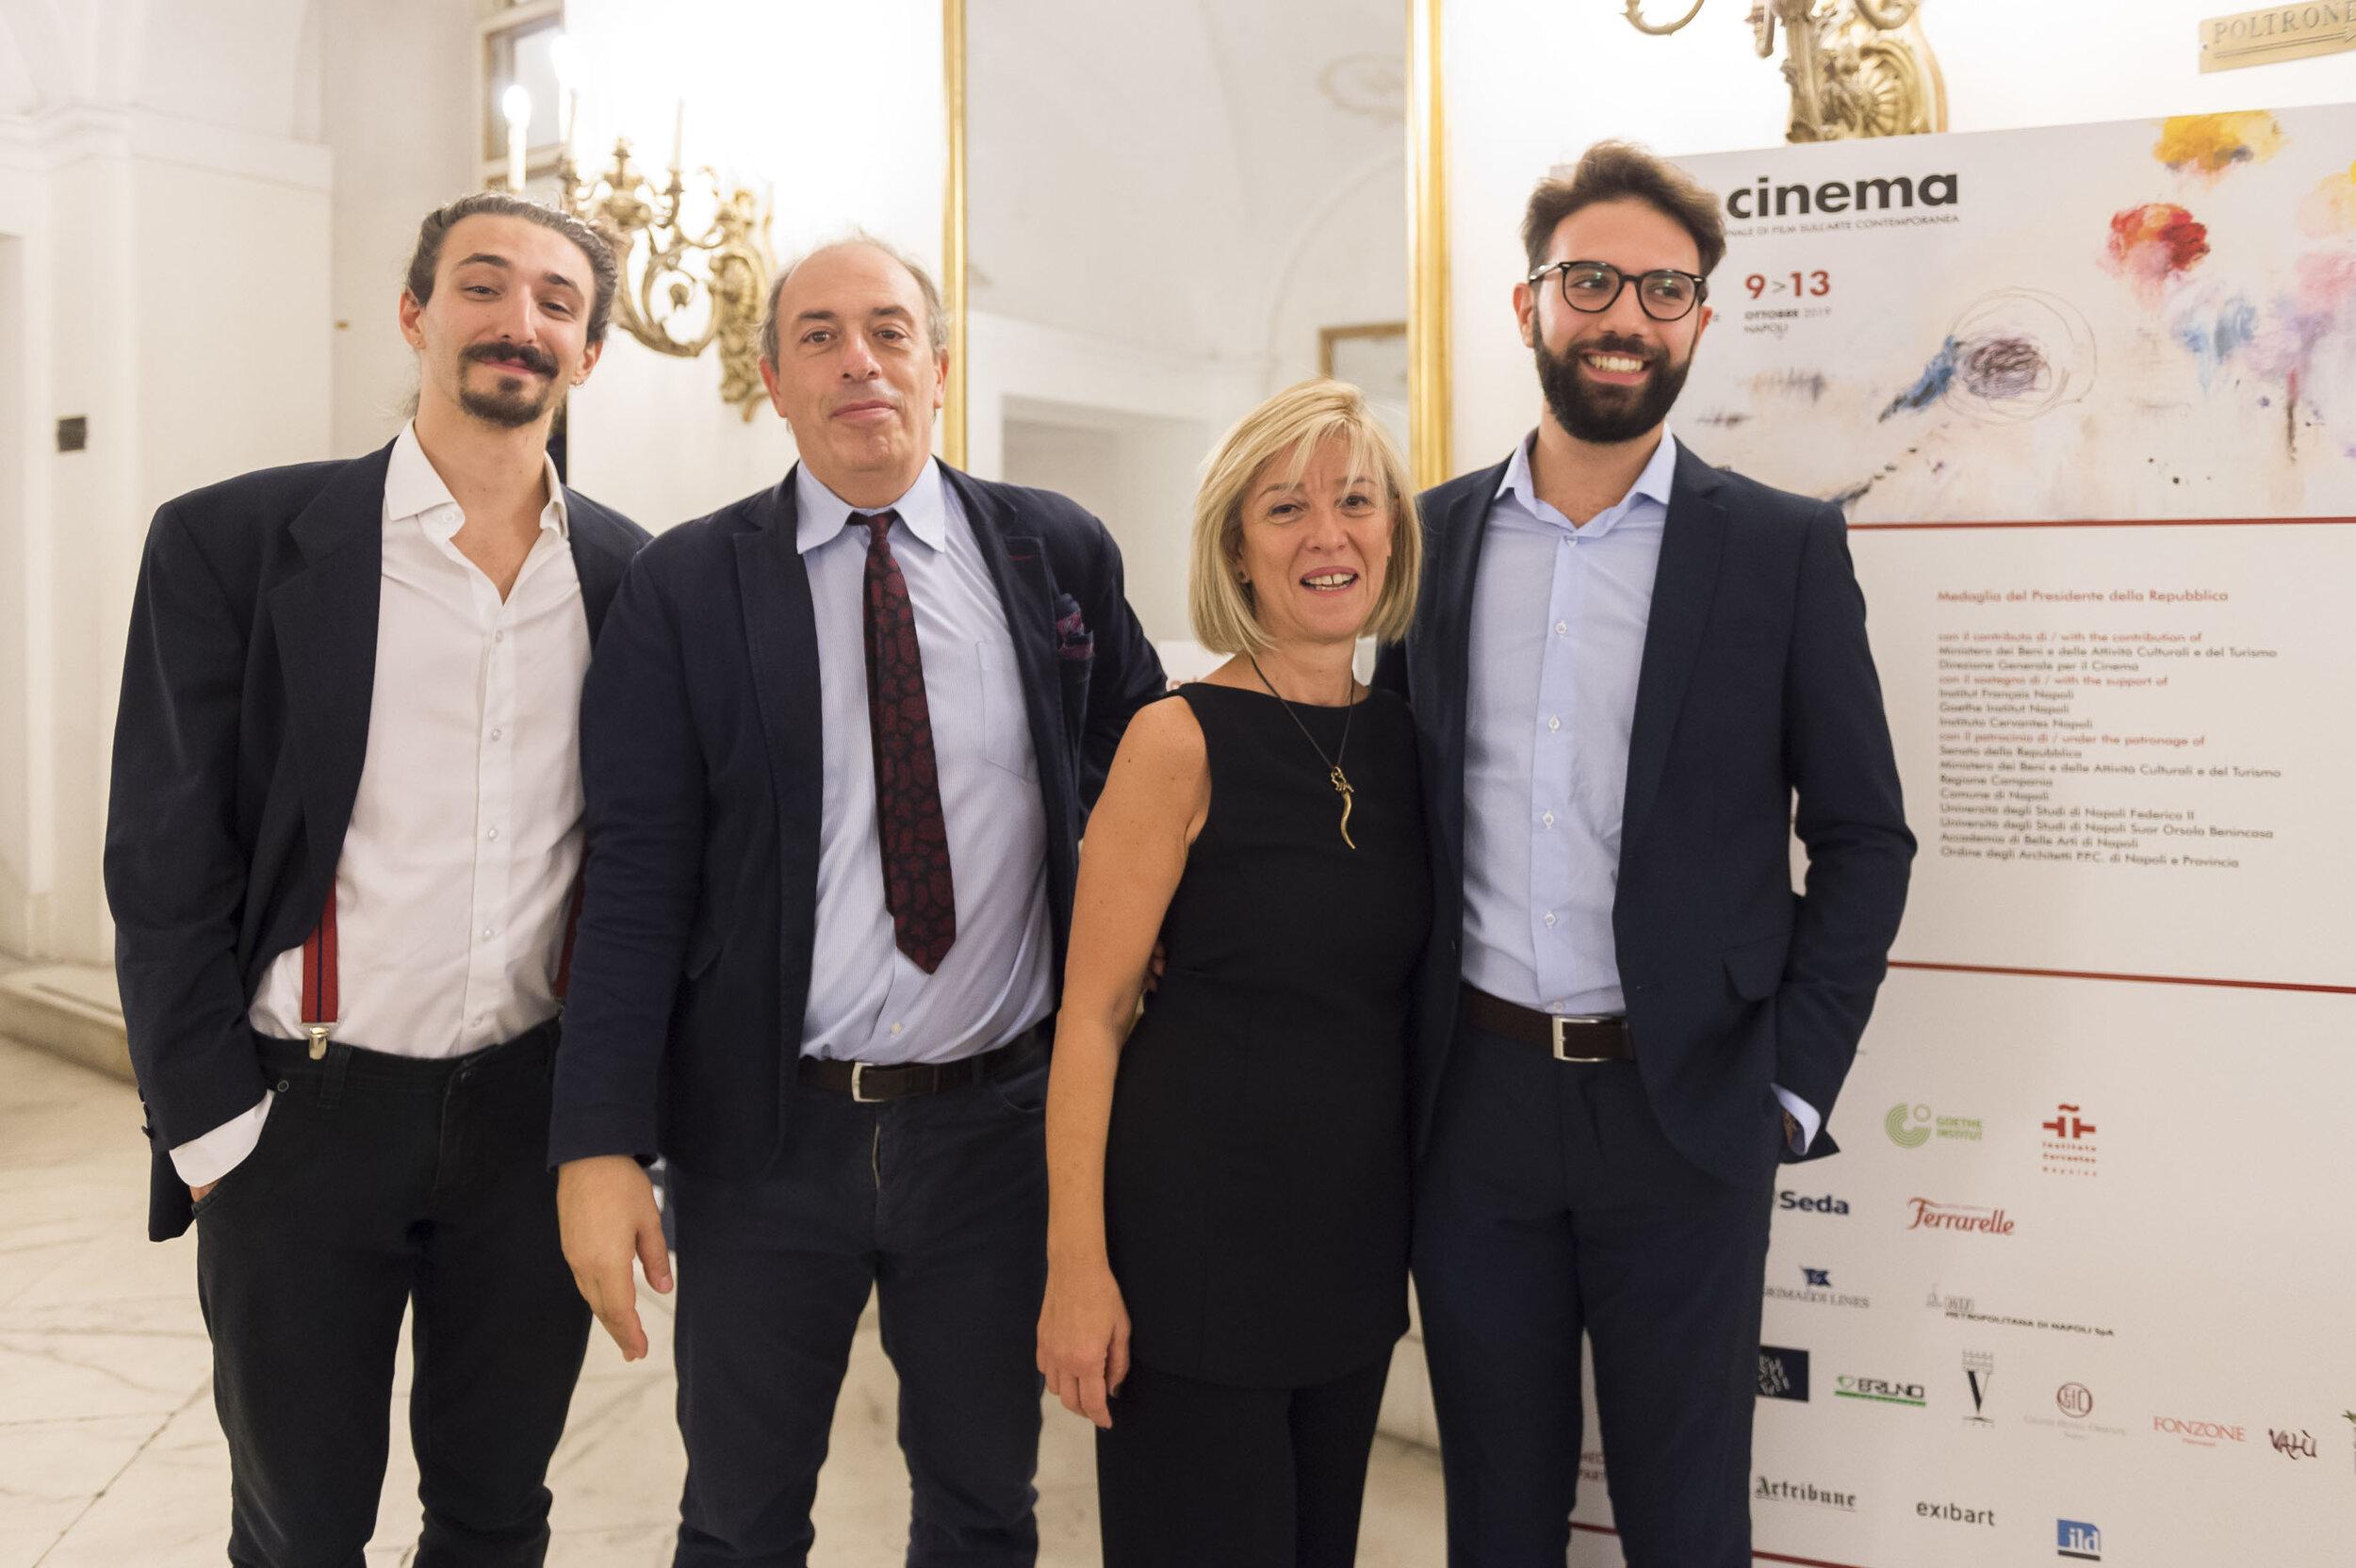 Artecinema 2019_ph Francesco Squeglia_8433.jpg